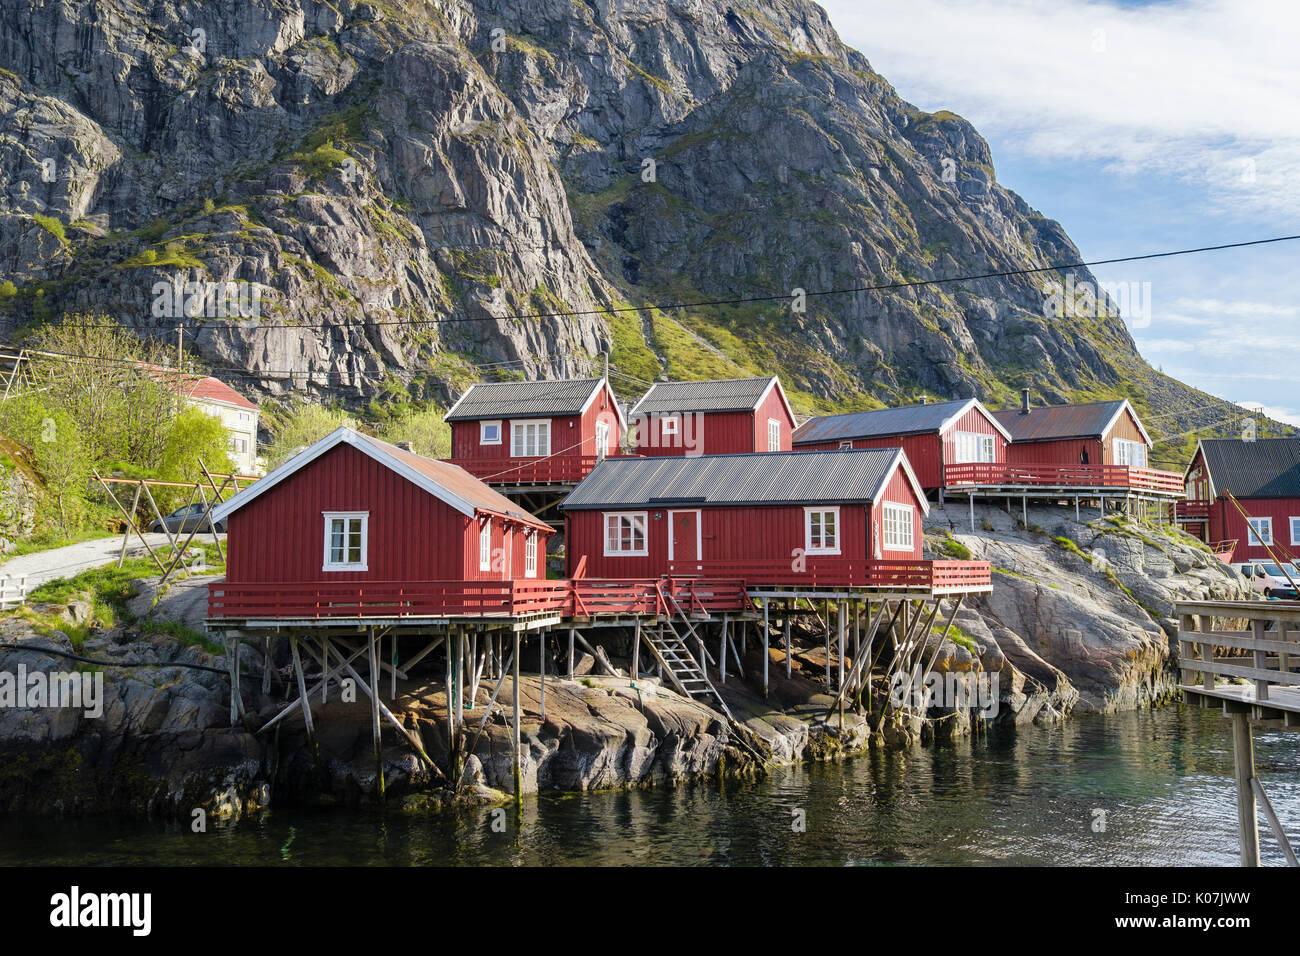 Der rote hölzerne Rorbuer Fischerhütten und Gebäude auf Stelzen im Fischerdorf Å, Moskenes, Insel Moskenesøya, Lofoten, Norwegen Stockbild